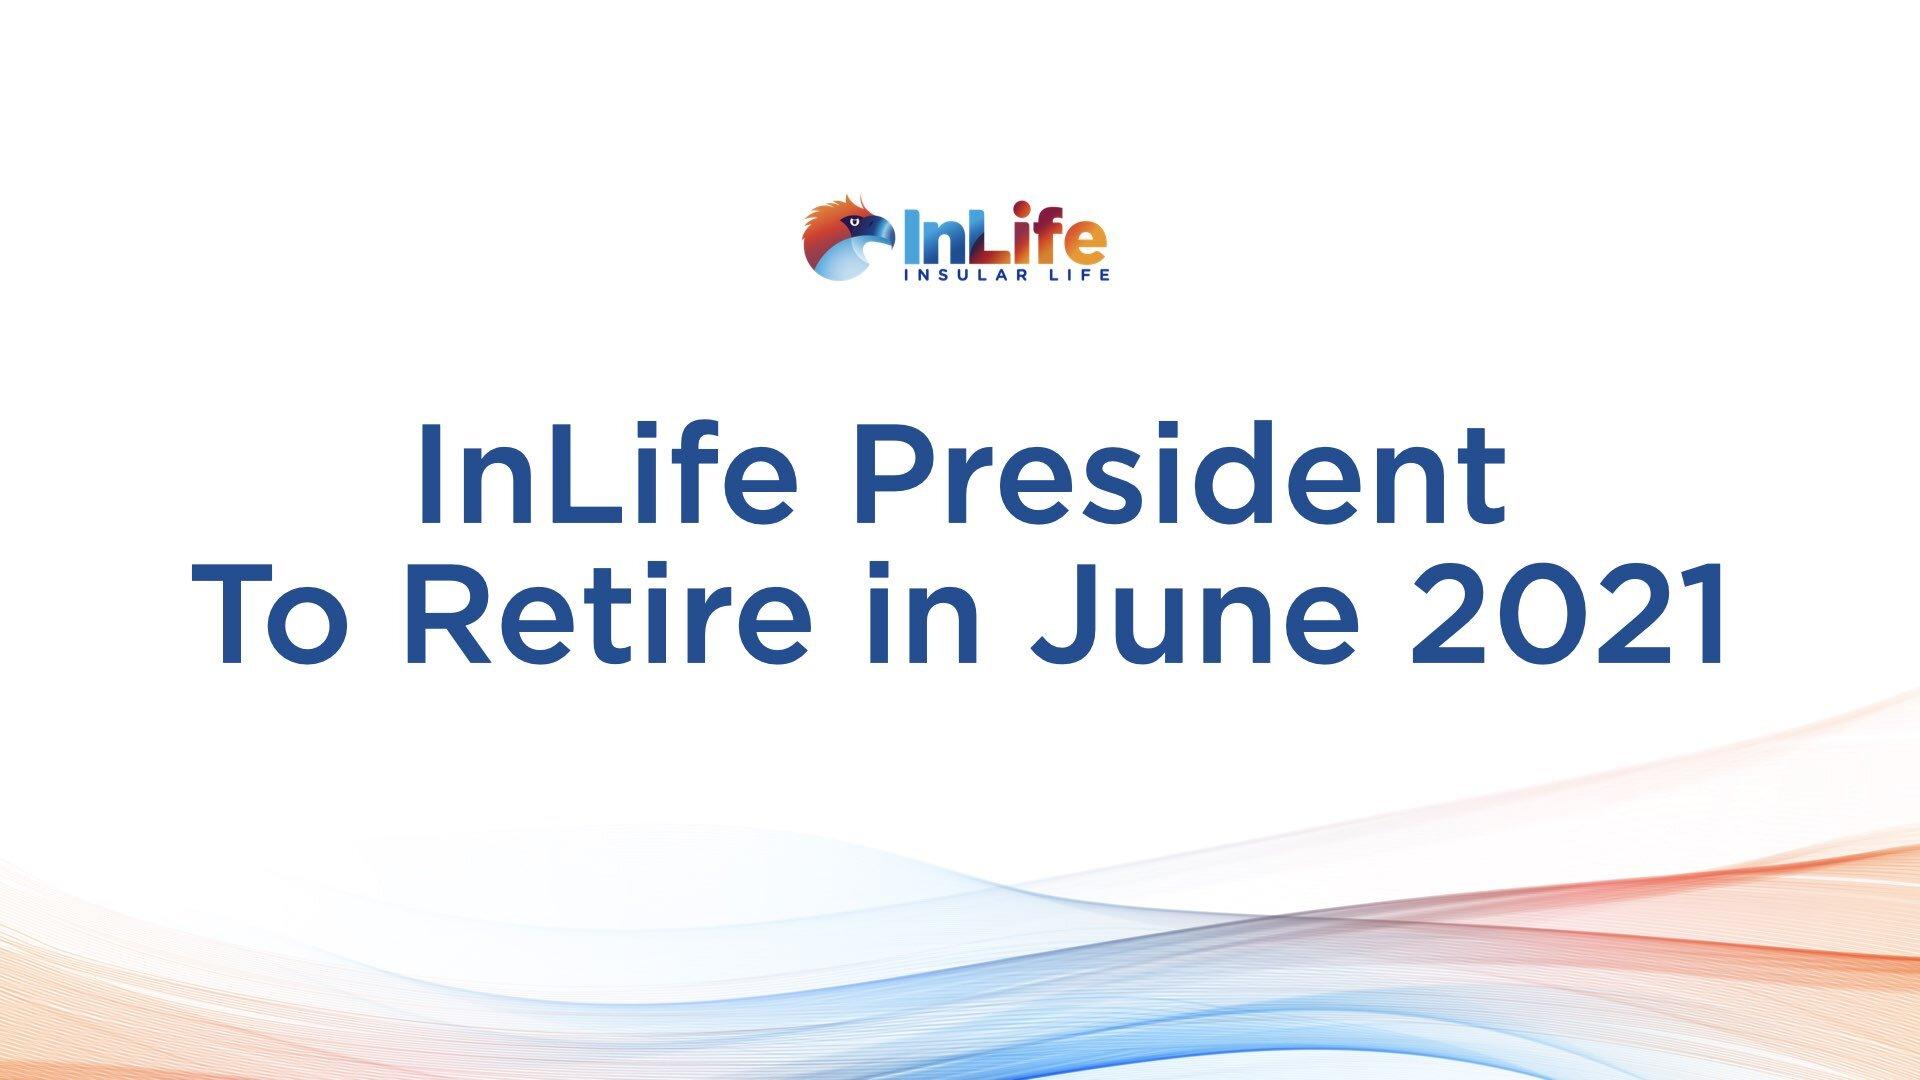 Inlife President Set To Retire In June 2021, New President Named